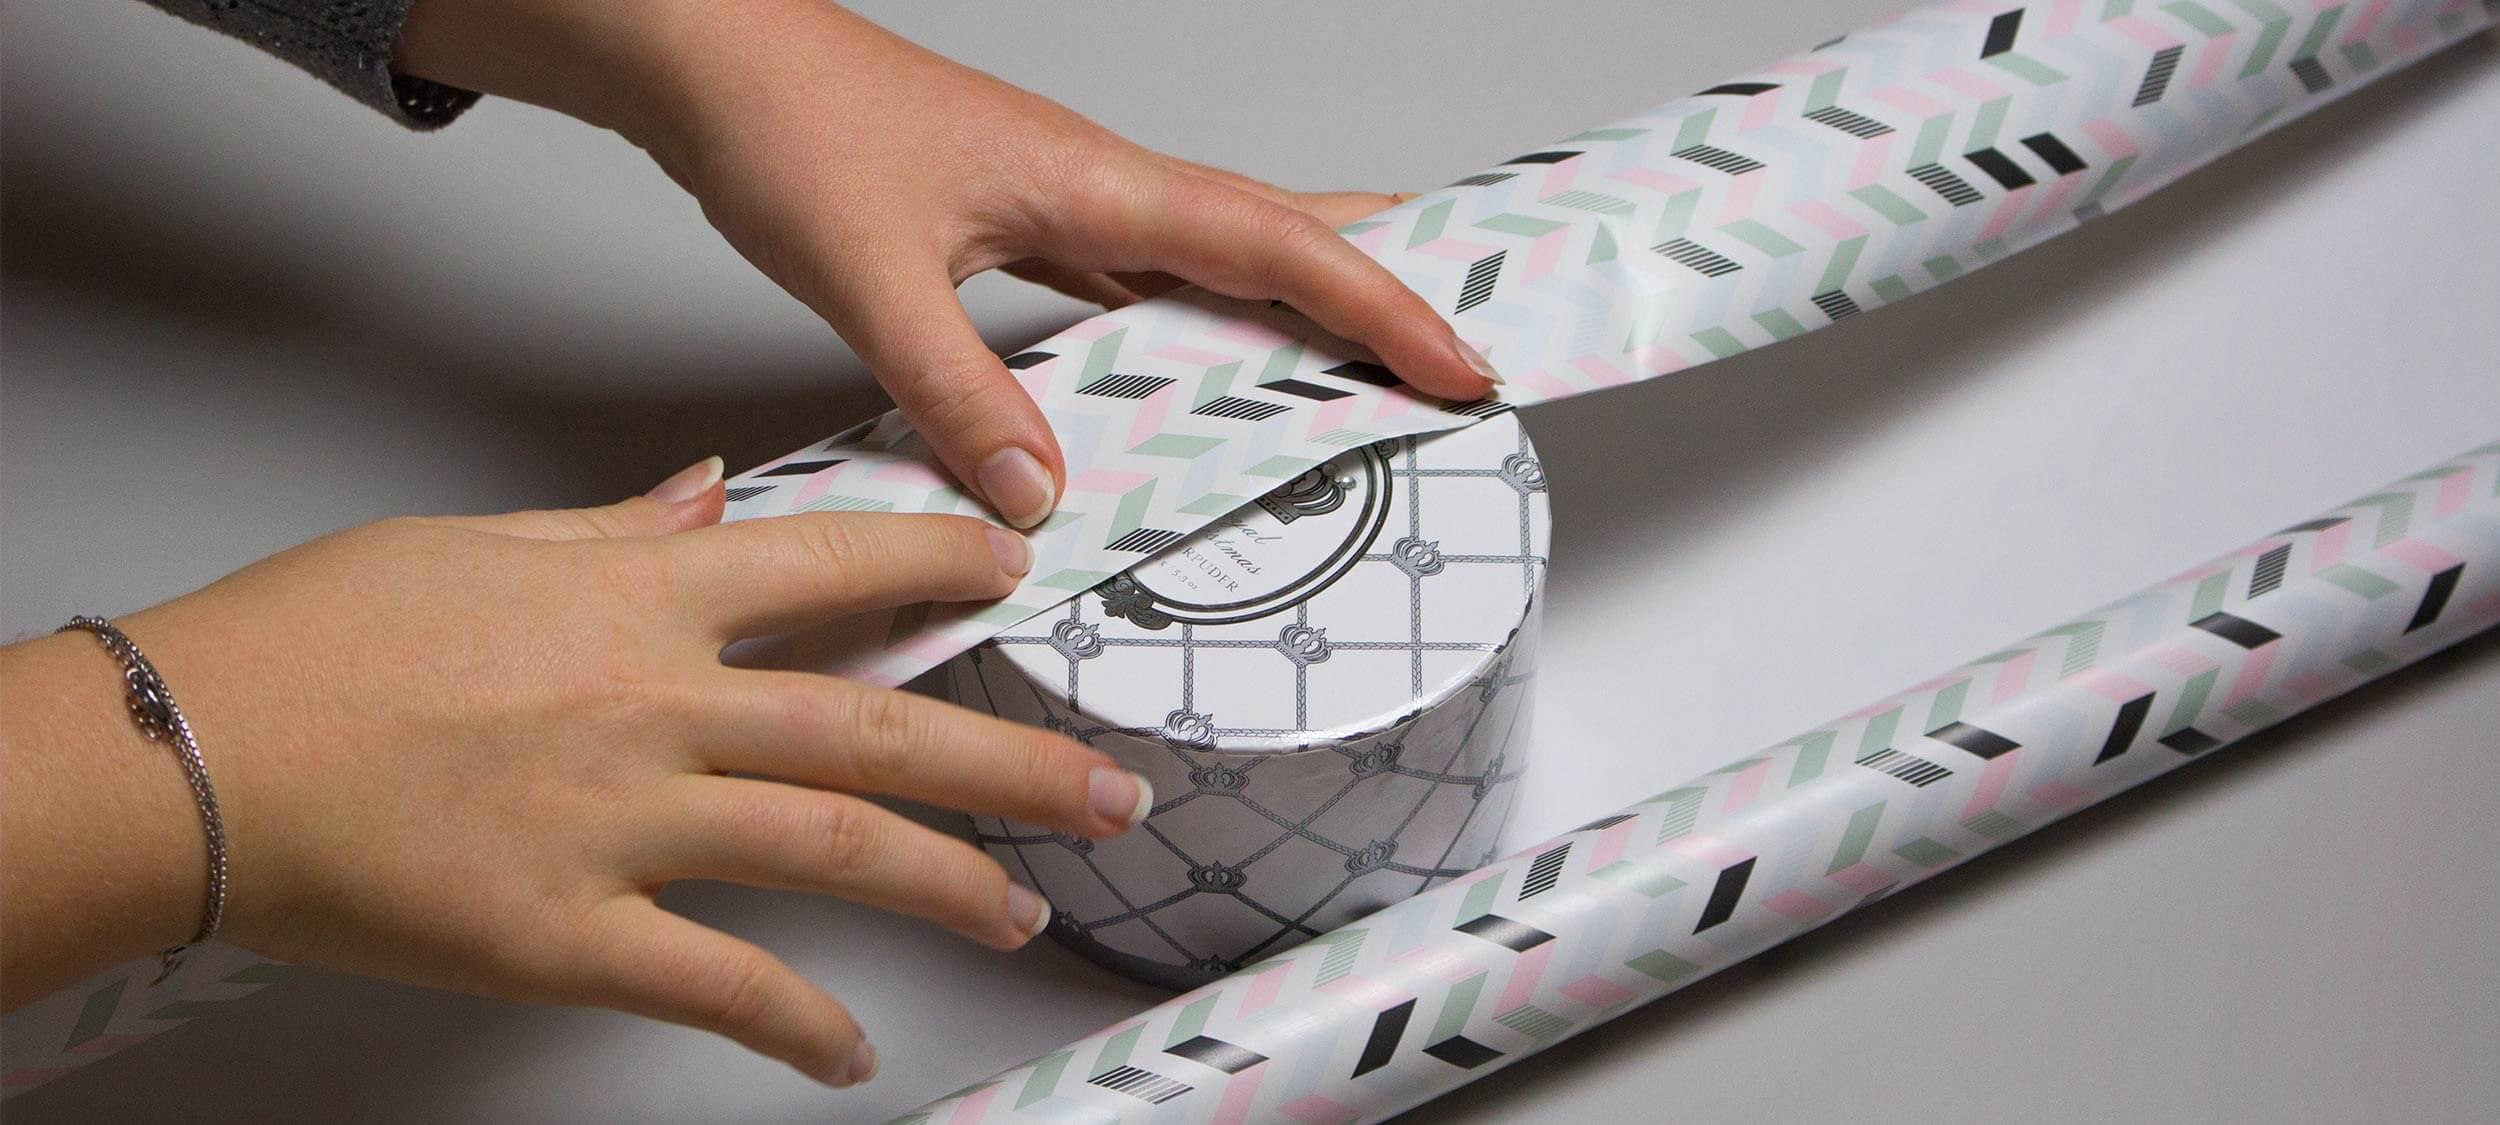 Geschenke richtig verpacken – rund, quadratisch und flaschenförmig